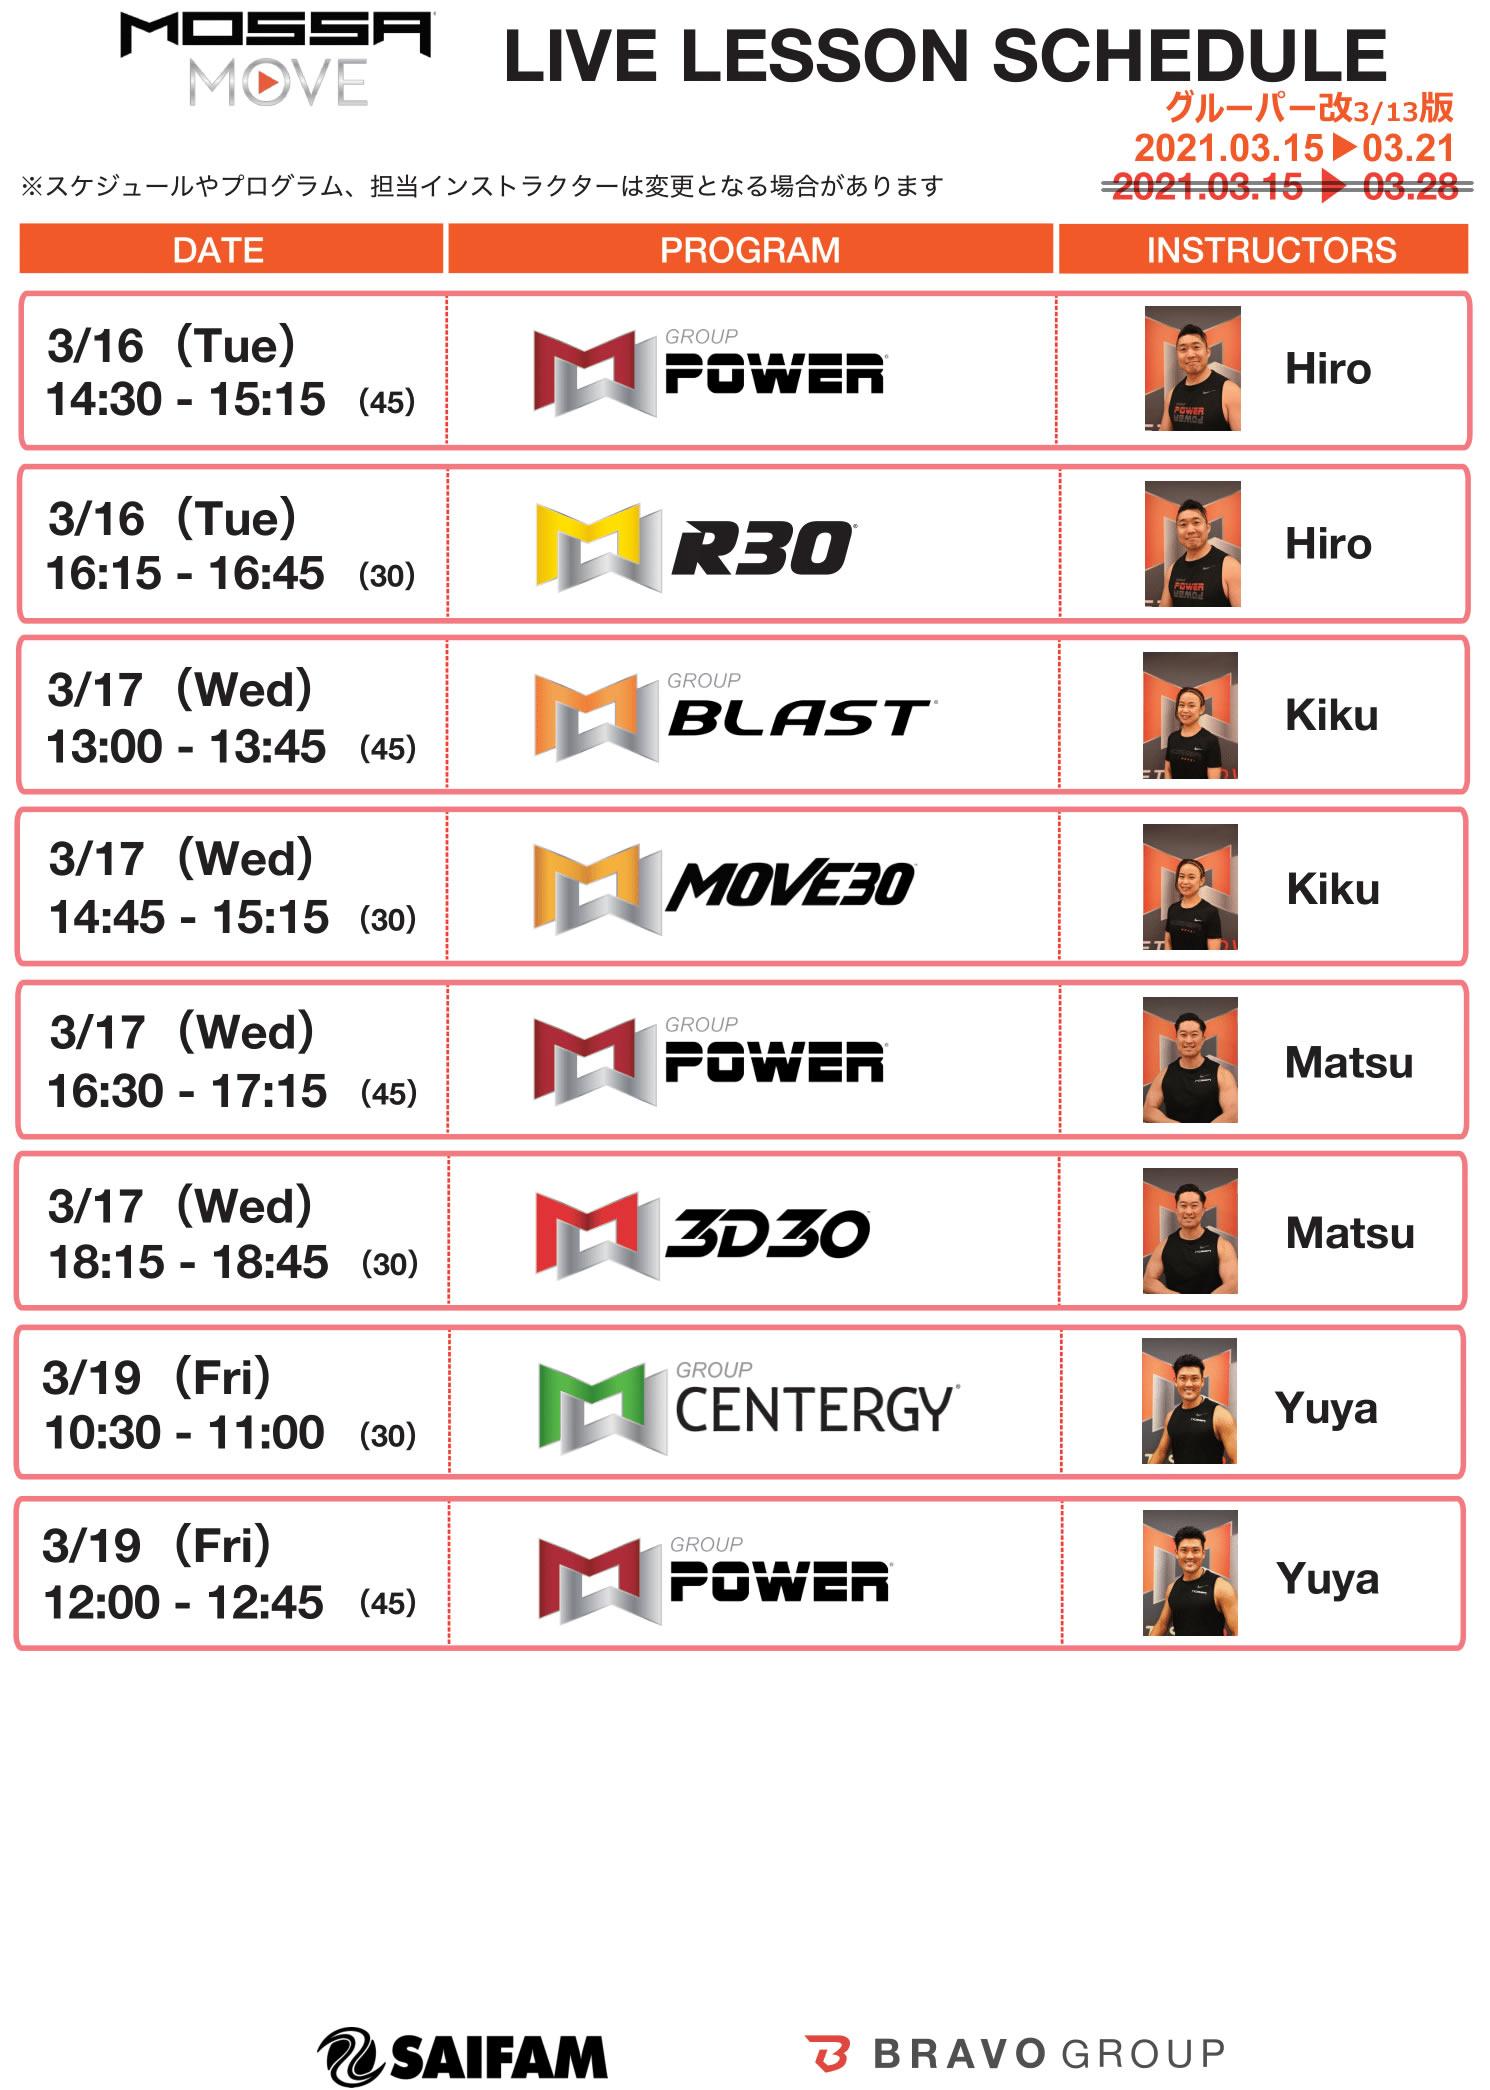 【MOSSA MOVE 3月15-21ライブ配信スケジュール】